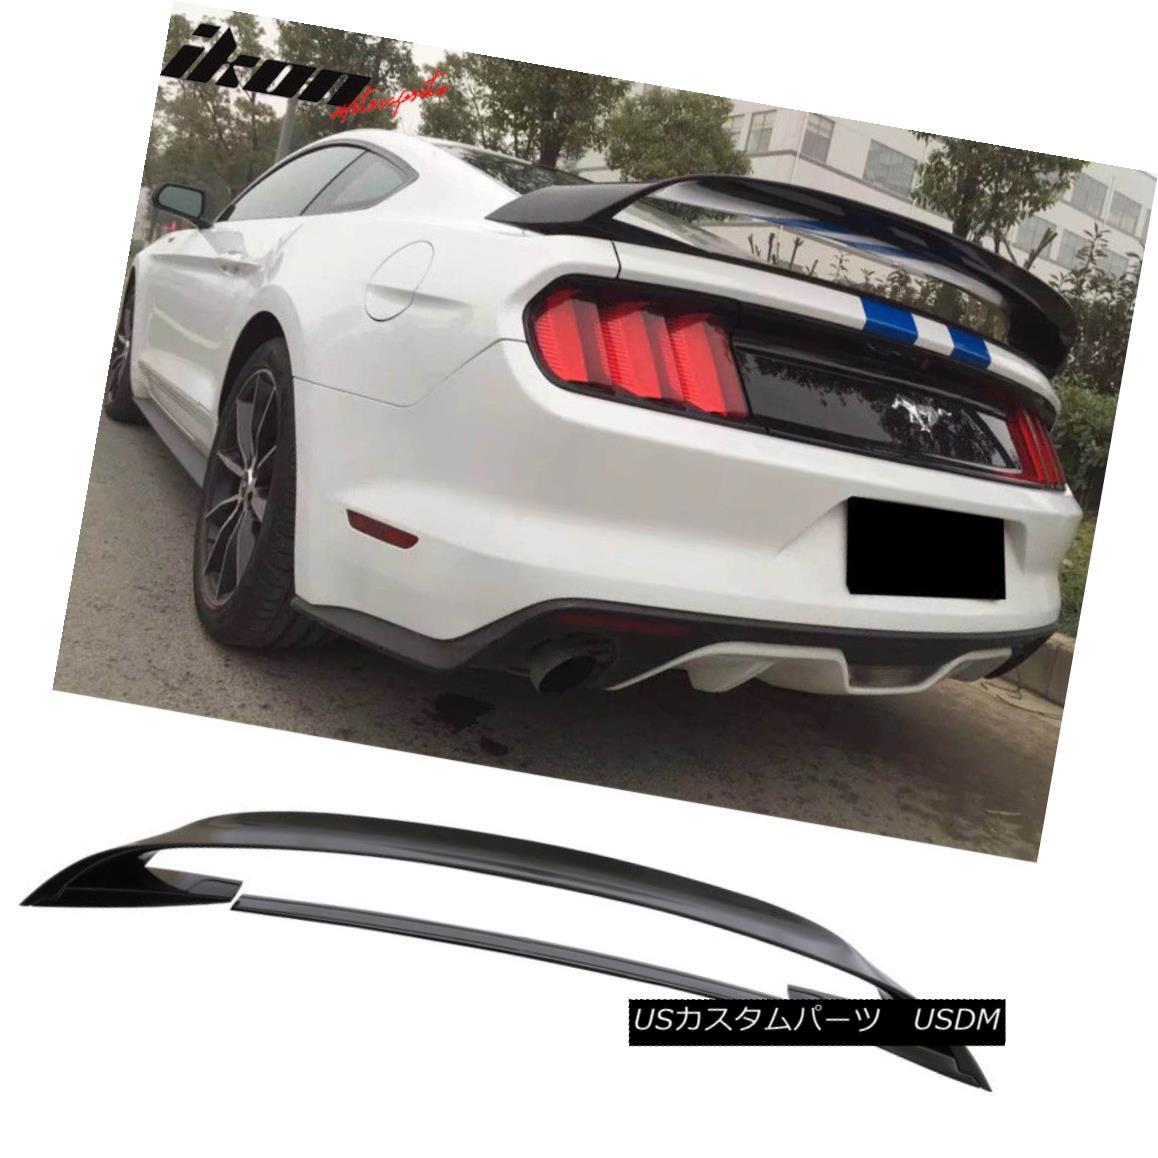 エアロパーツ Fits 15-18 Ford Mustang GT350 GT350R Style Trunk Spoiler Glossy Black ABS フィット15-18フォードマスタングGT350 GT350Rスタイルトランクスポイラー光沢ブラックABS